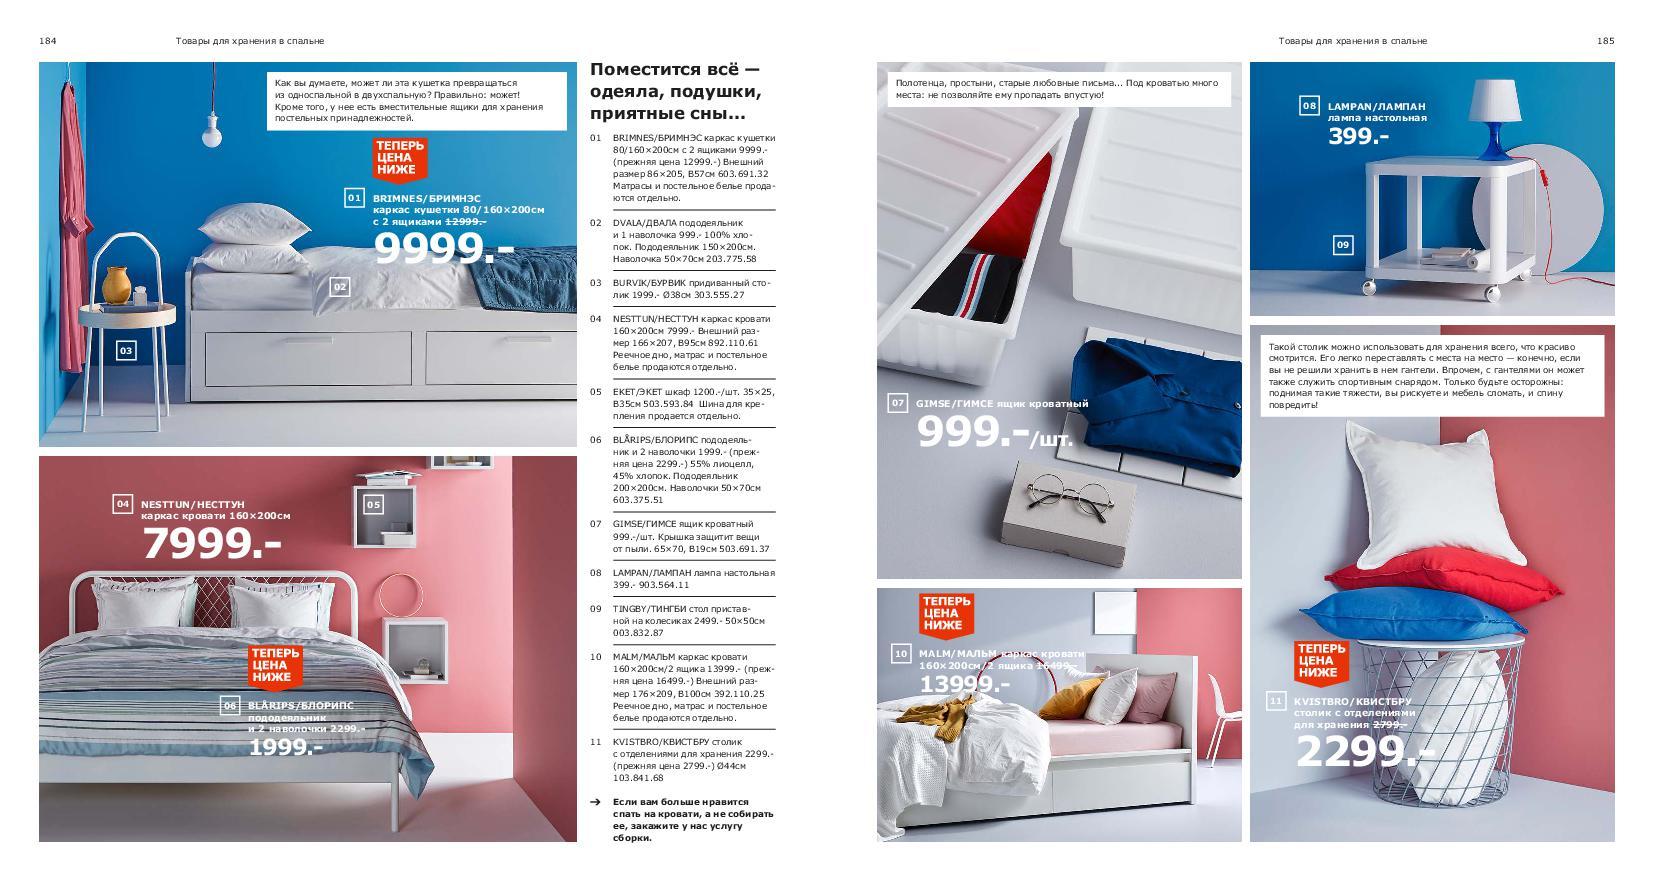 IKEA_catalogue_2019-93